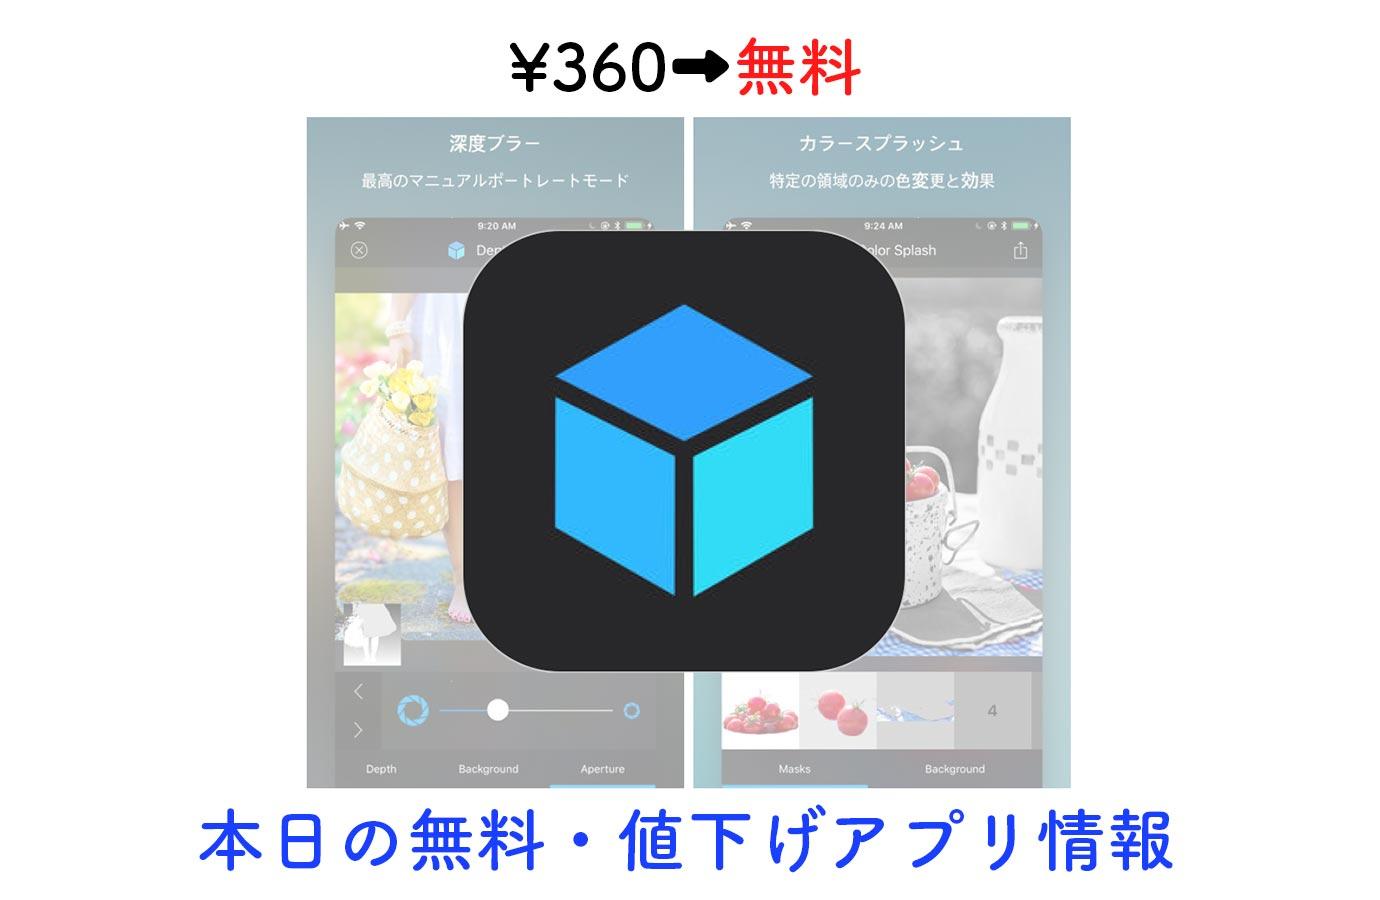 ¥360→無料、マスクとレイヤーベースの写真編集アプリ「AfterDepth」など【1/13】本日の無料・値下げアプリ情報